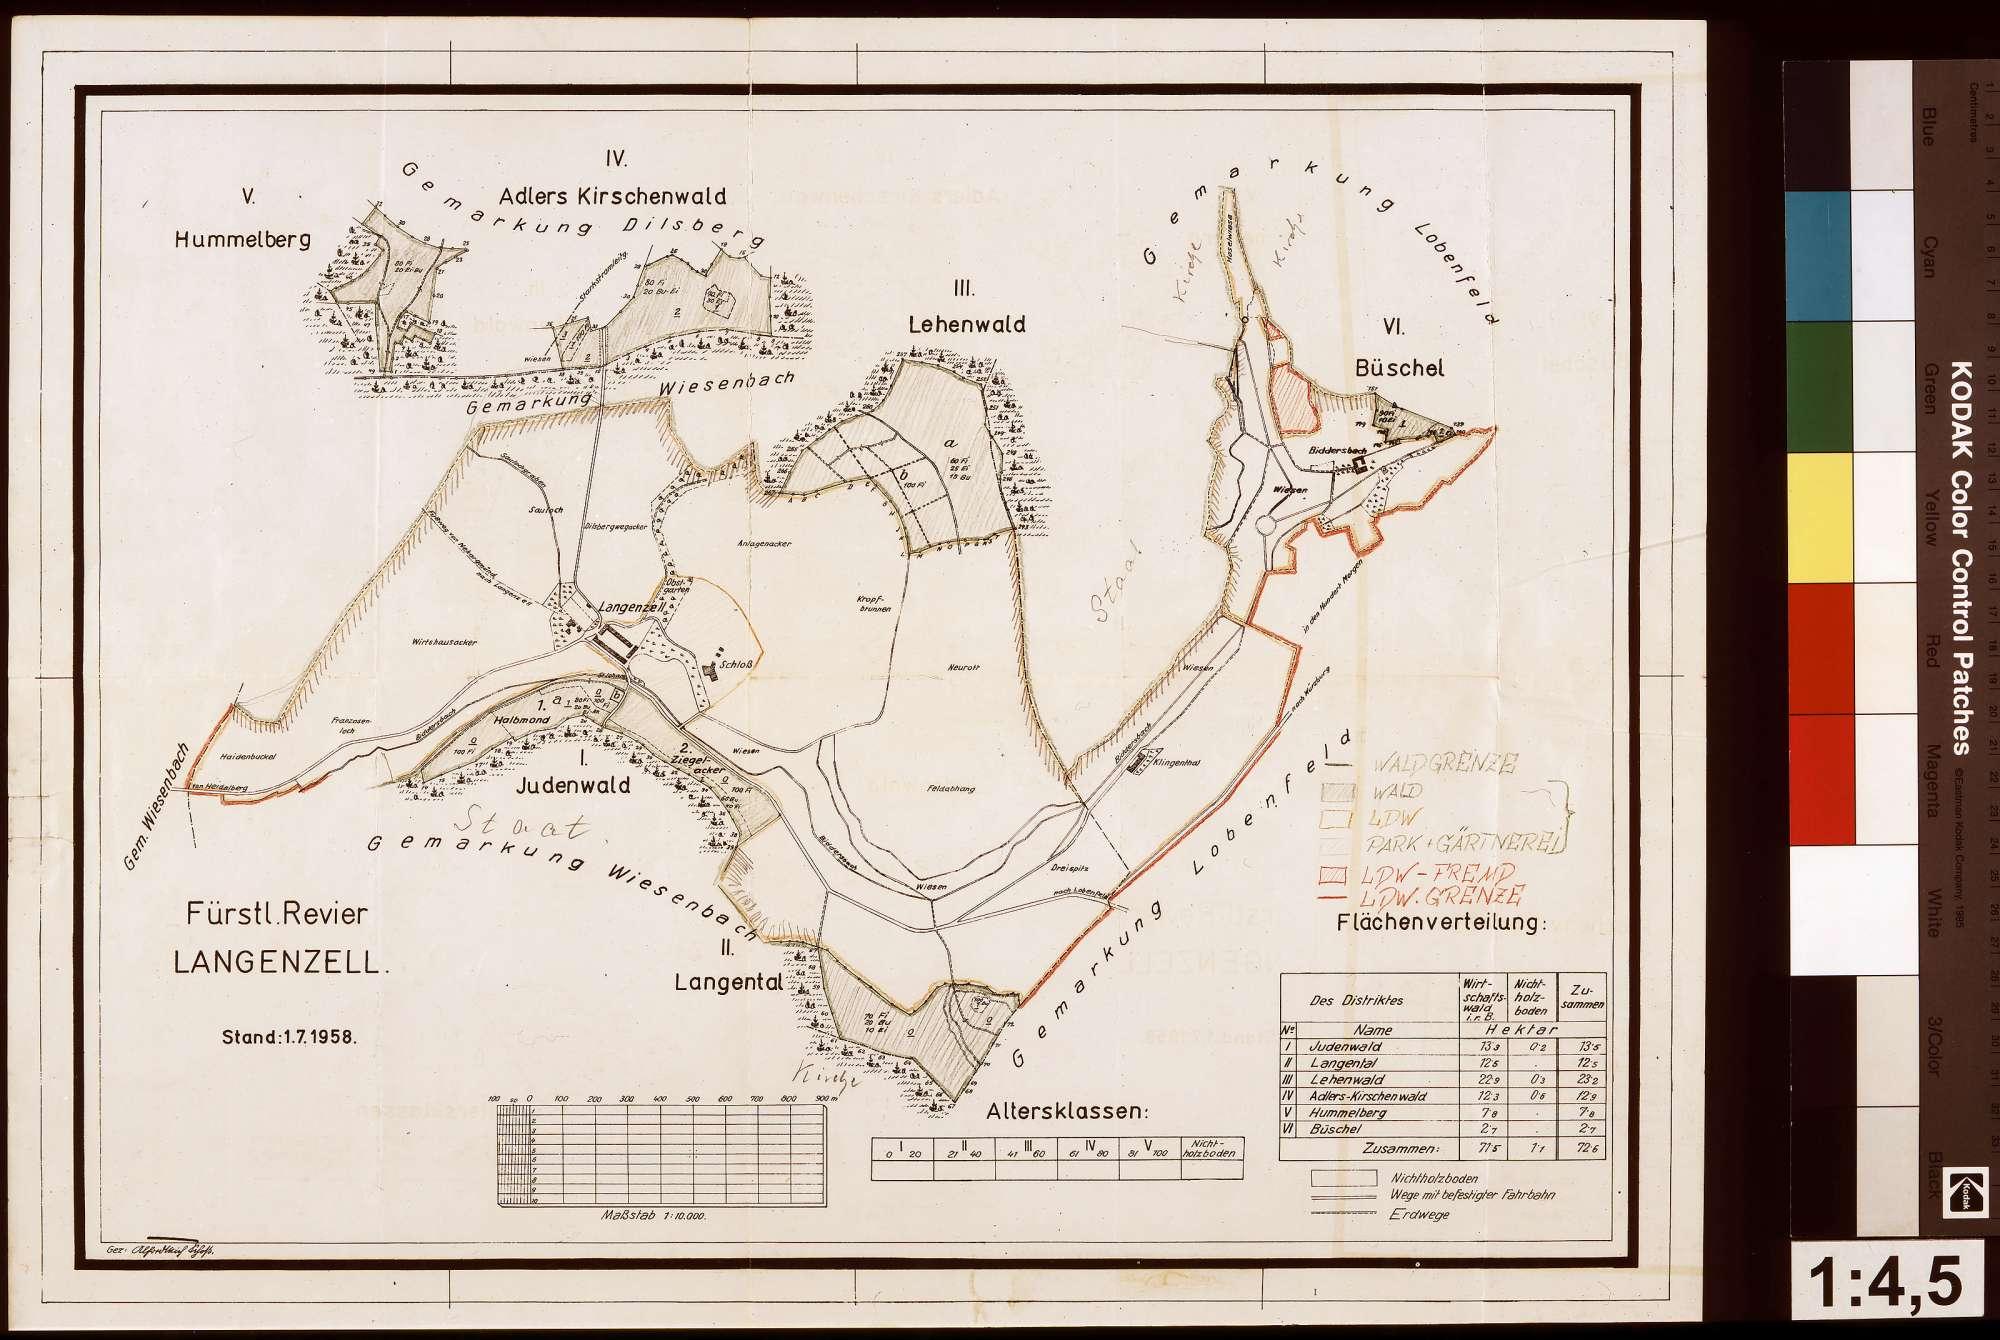 Bestandsübersichtskarte des Reviers Langenzell, Bild 1